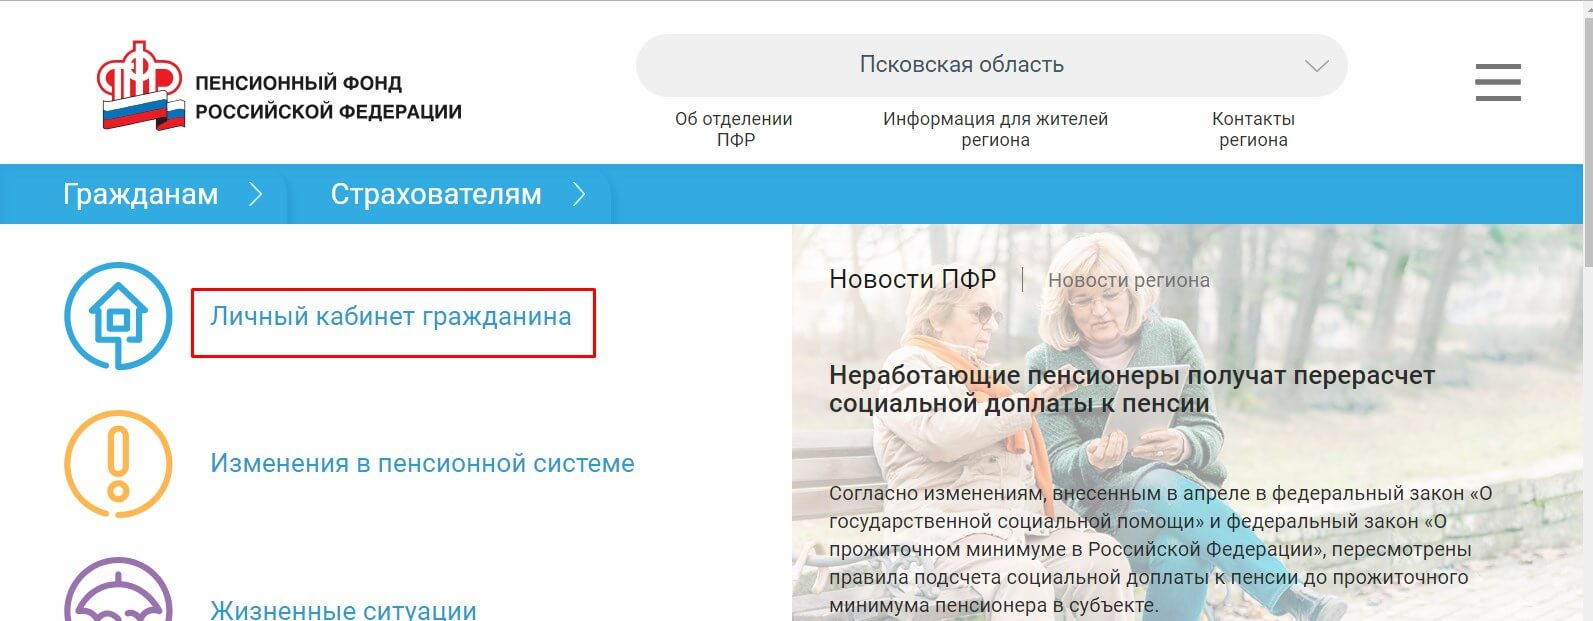 Пенсионный фонд Удмуртской республики